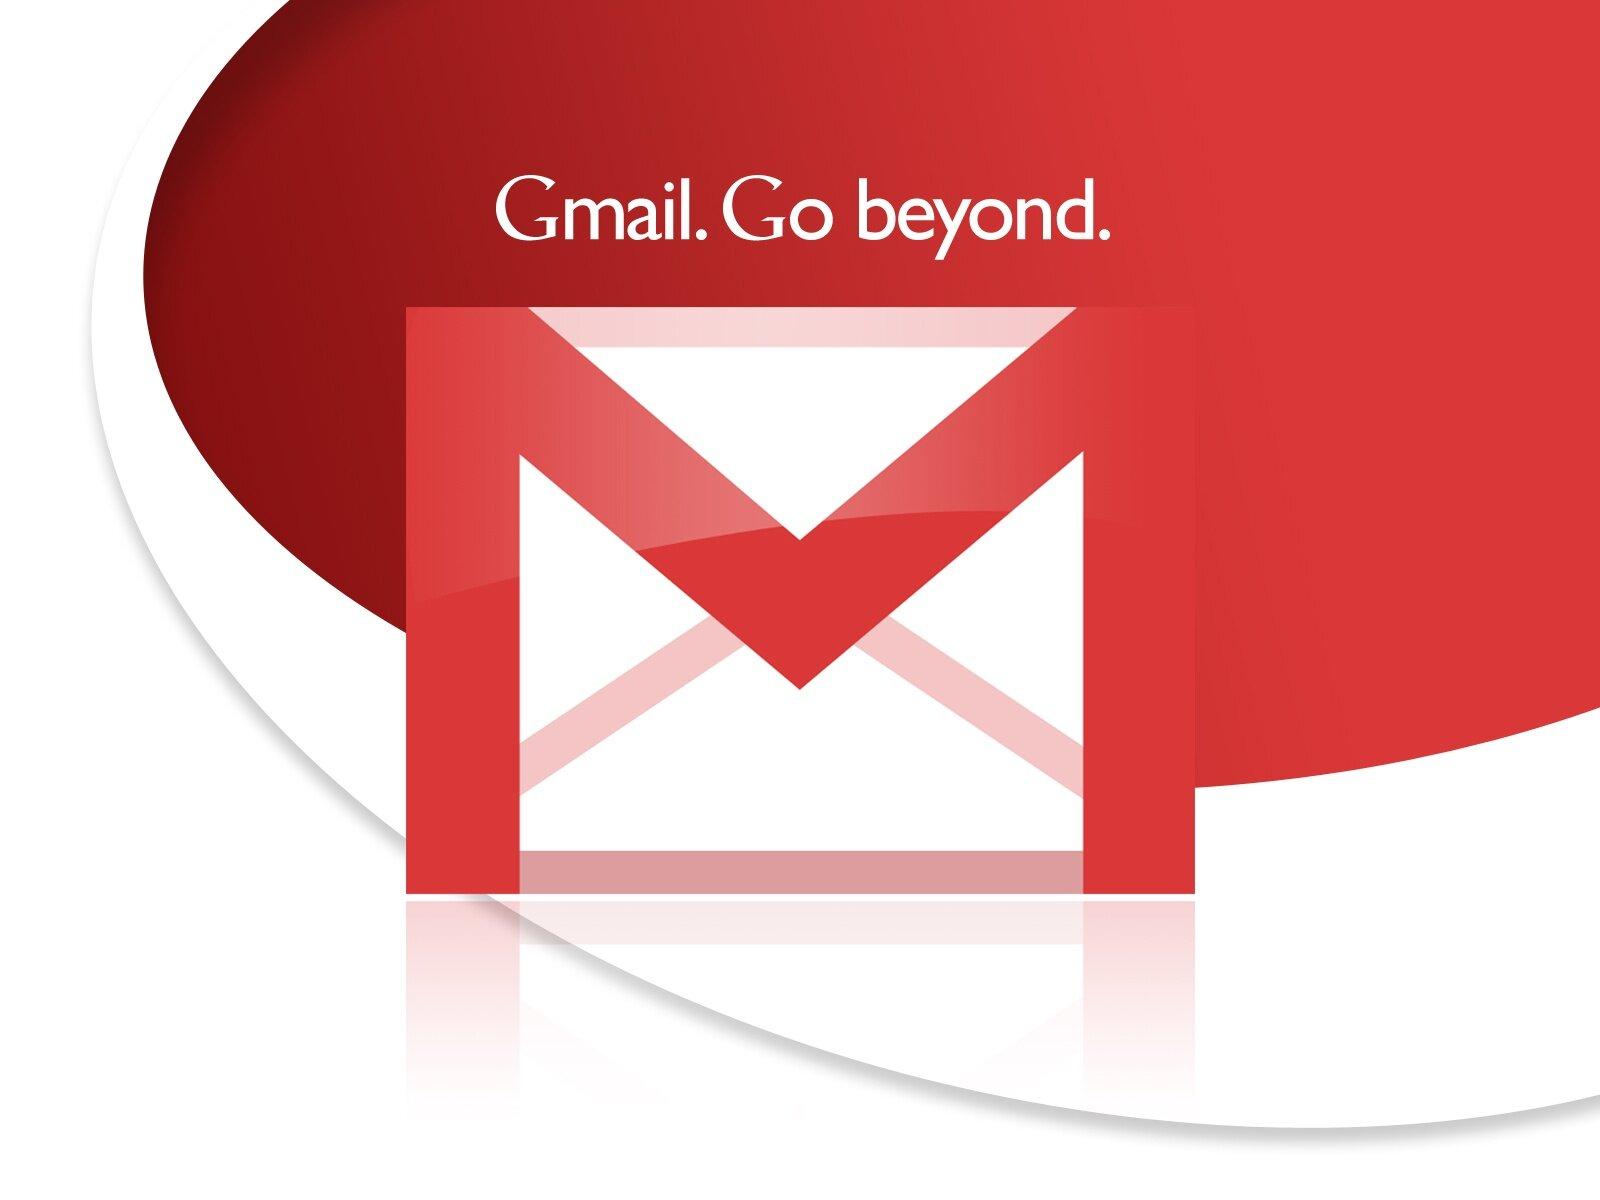 Gmail Giris Yapmak Icin Tiklayiniz 2017 Gmail Ayarlari Yeni Safak